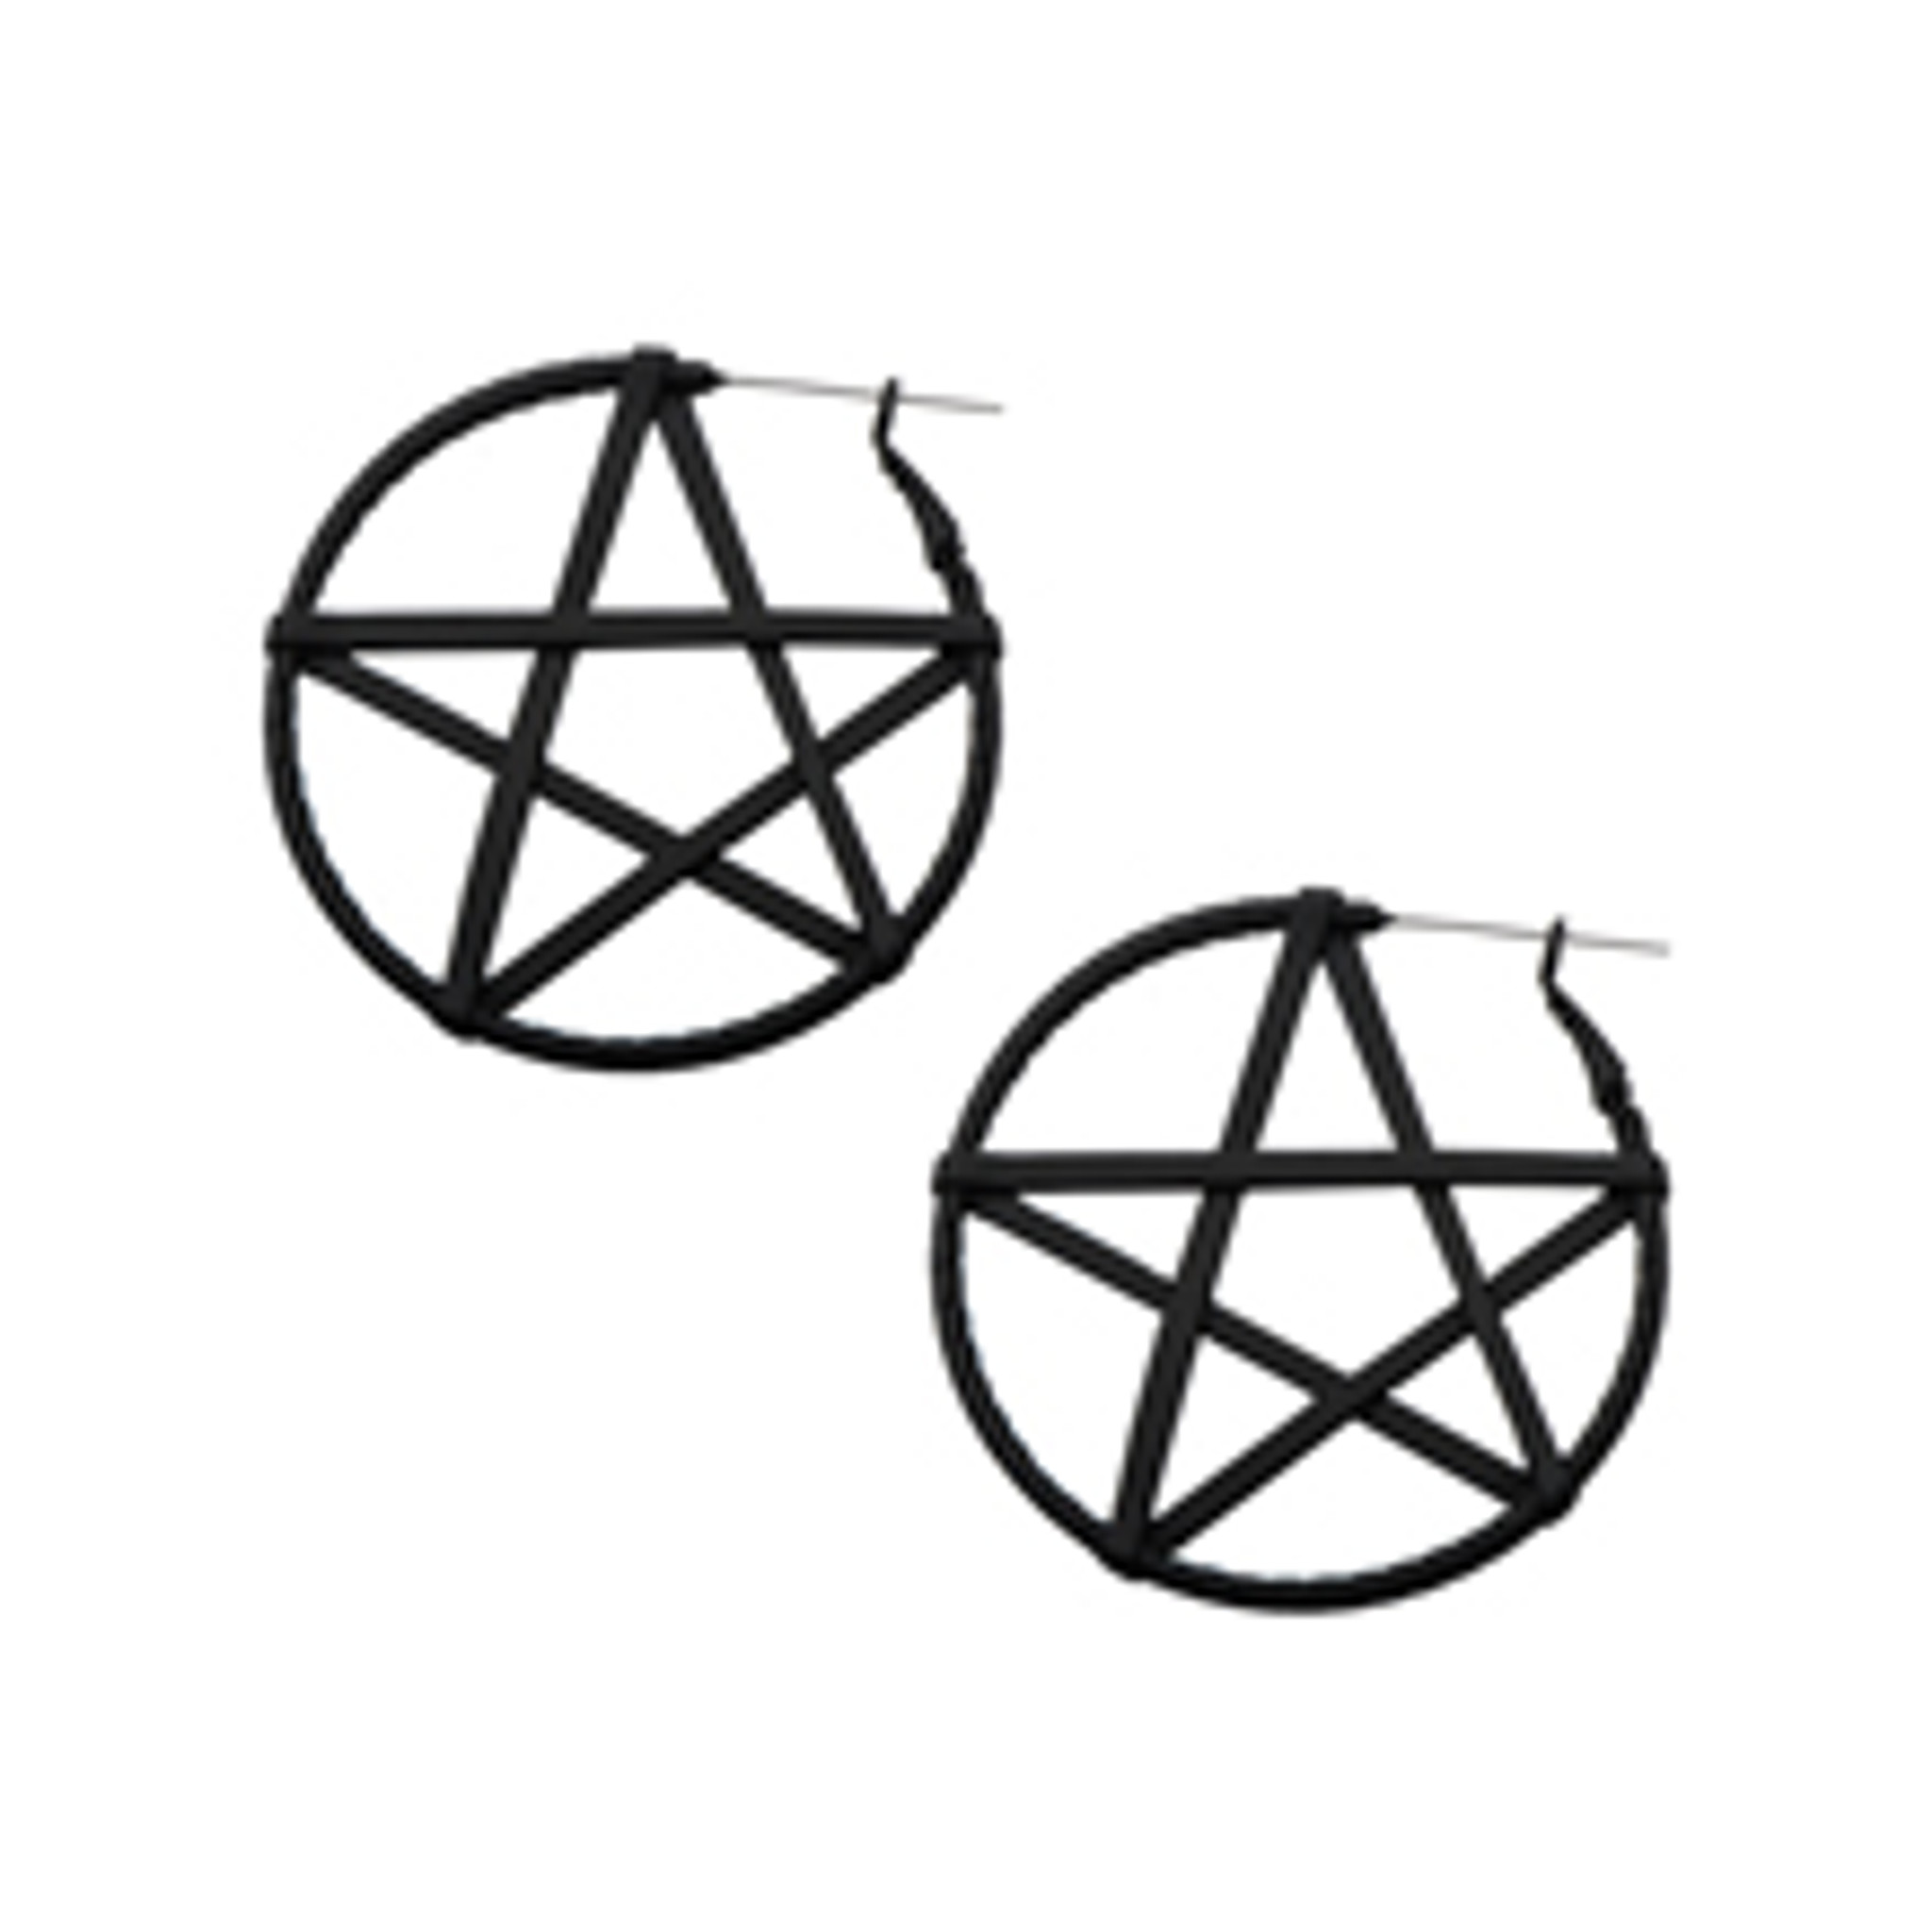 Pentagram guage friendly earings